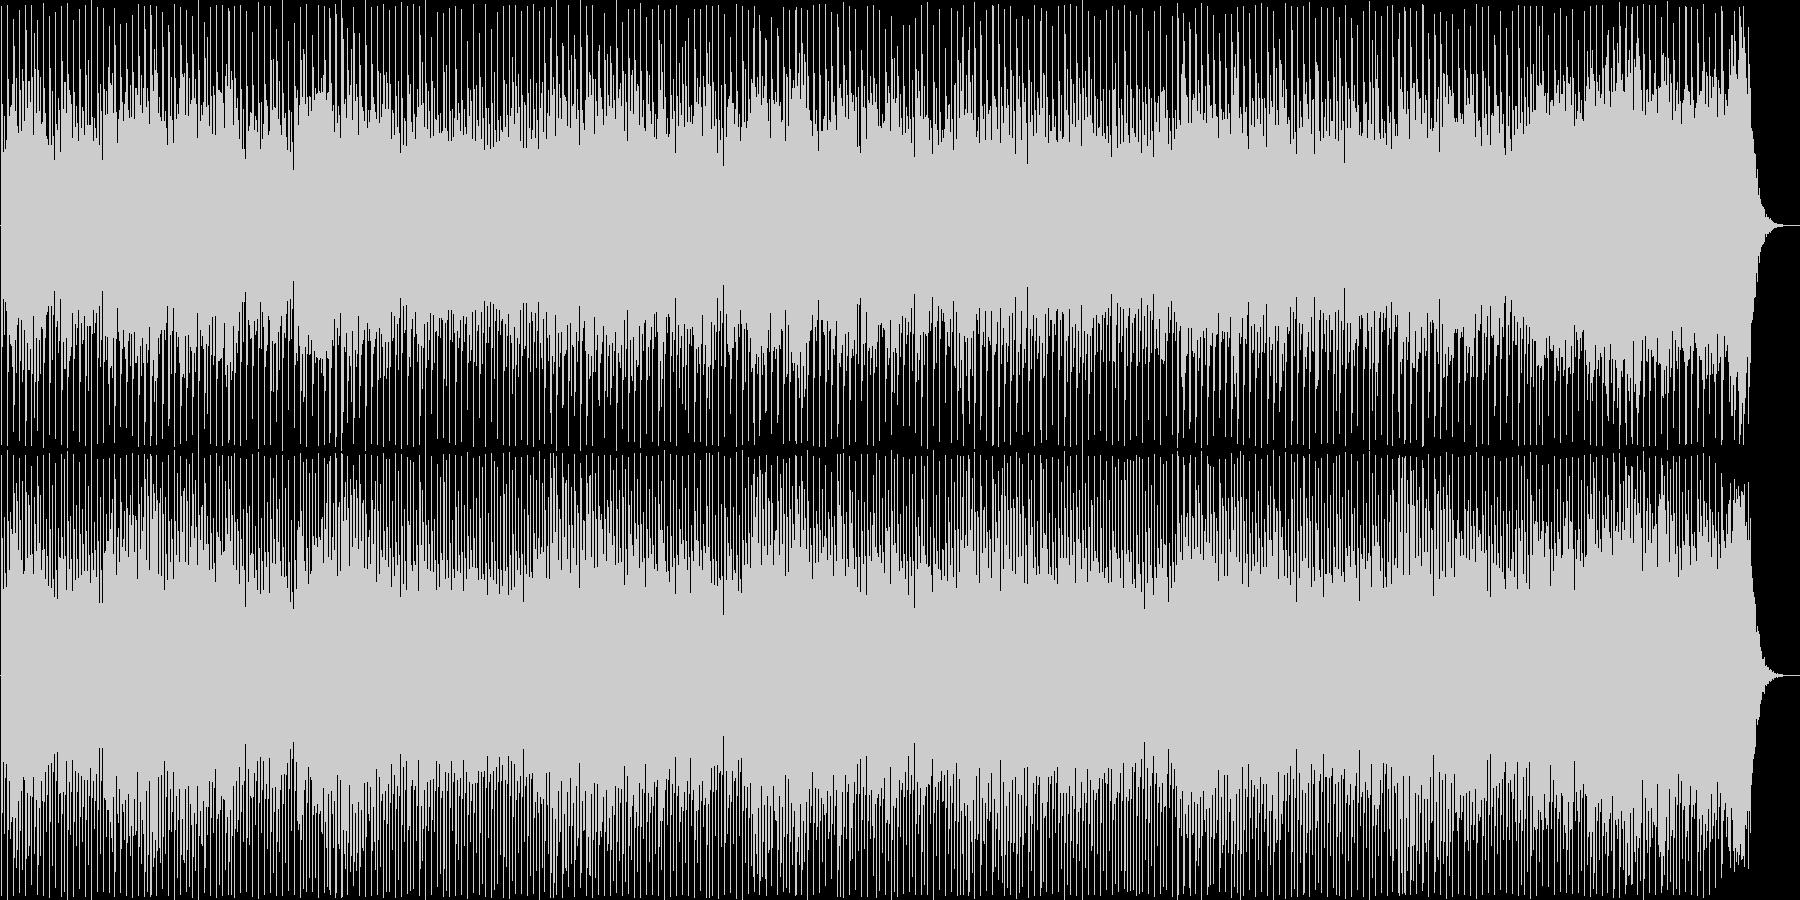 明るく軽快なポップミュージックの未再生の波形